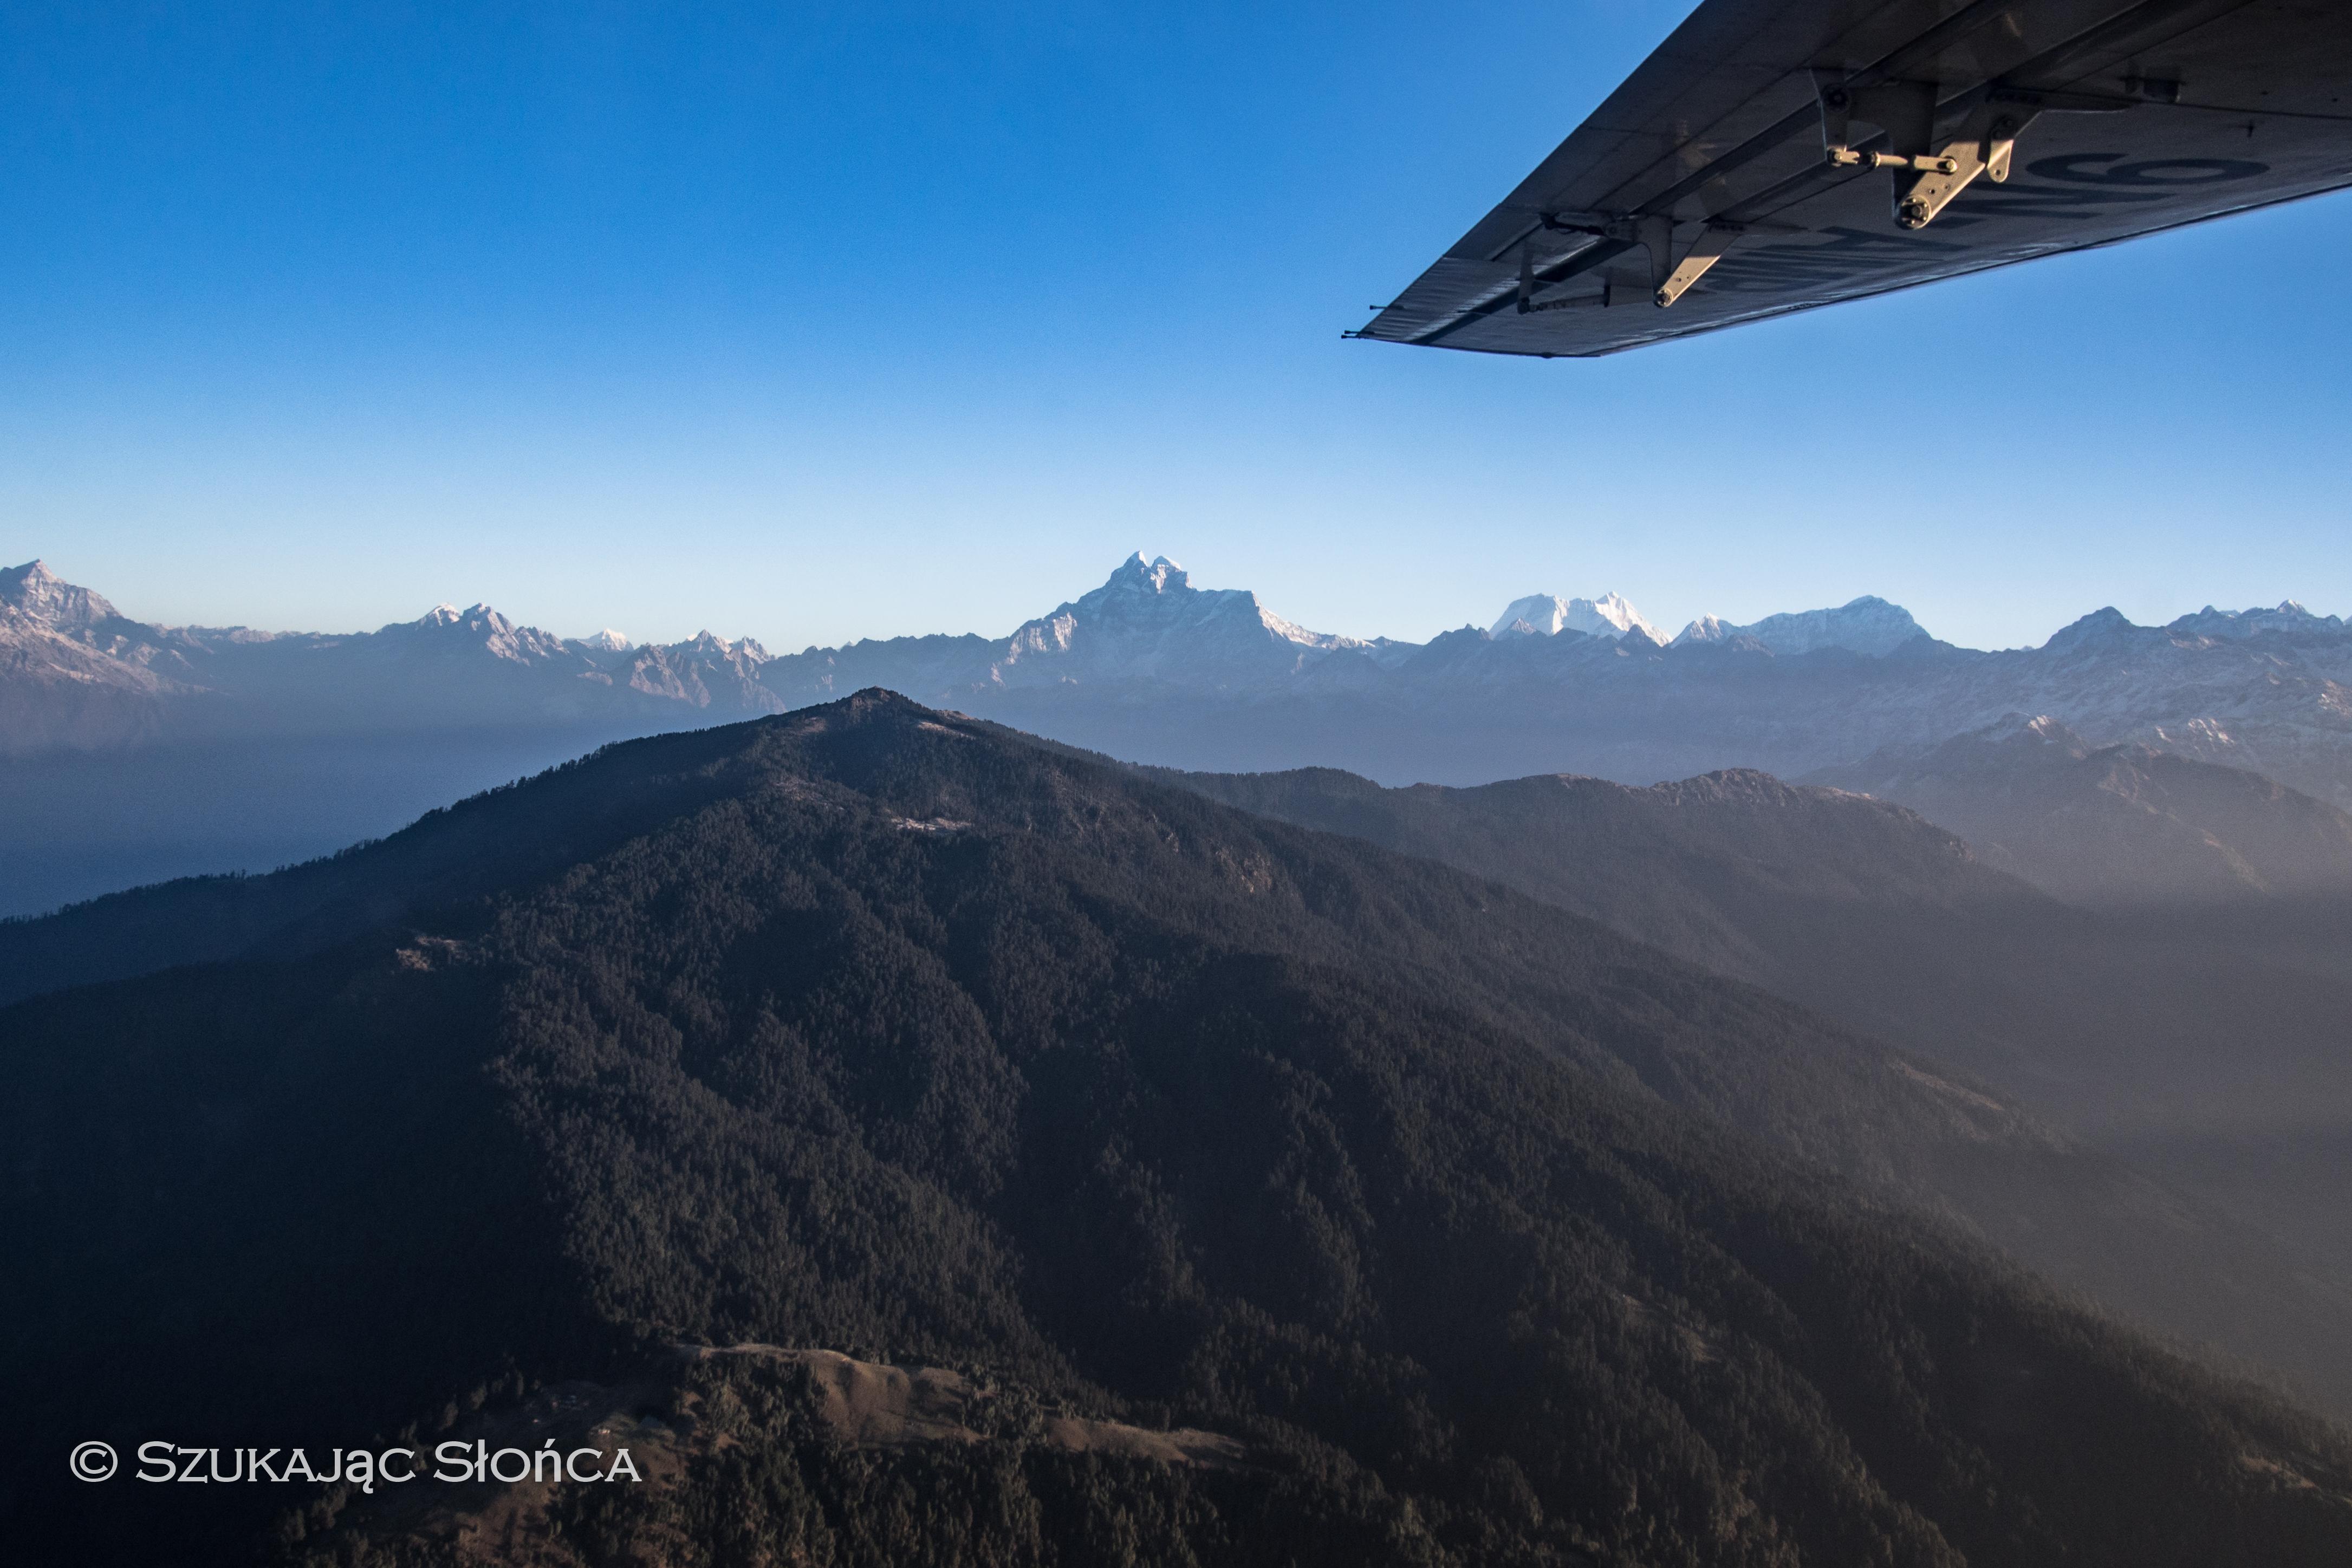 nowy dzień w Himalajach = nowa przygoda